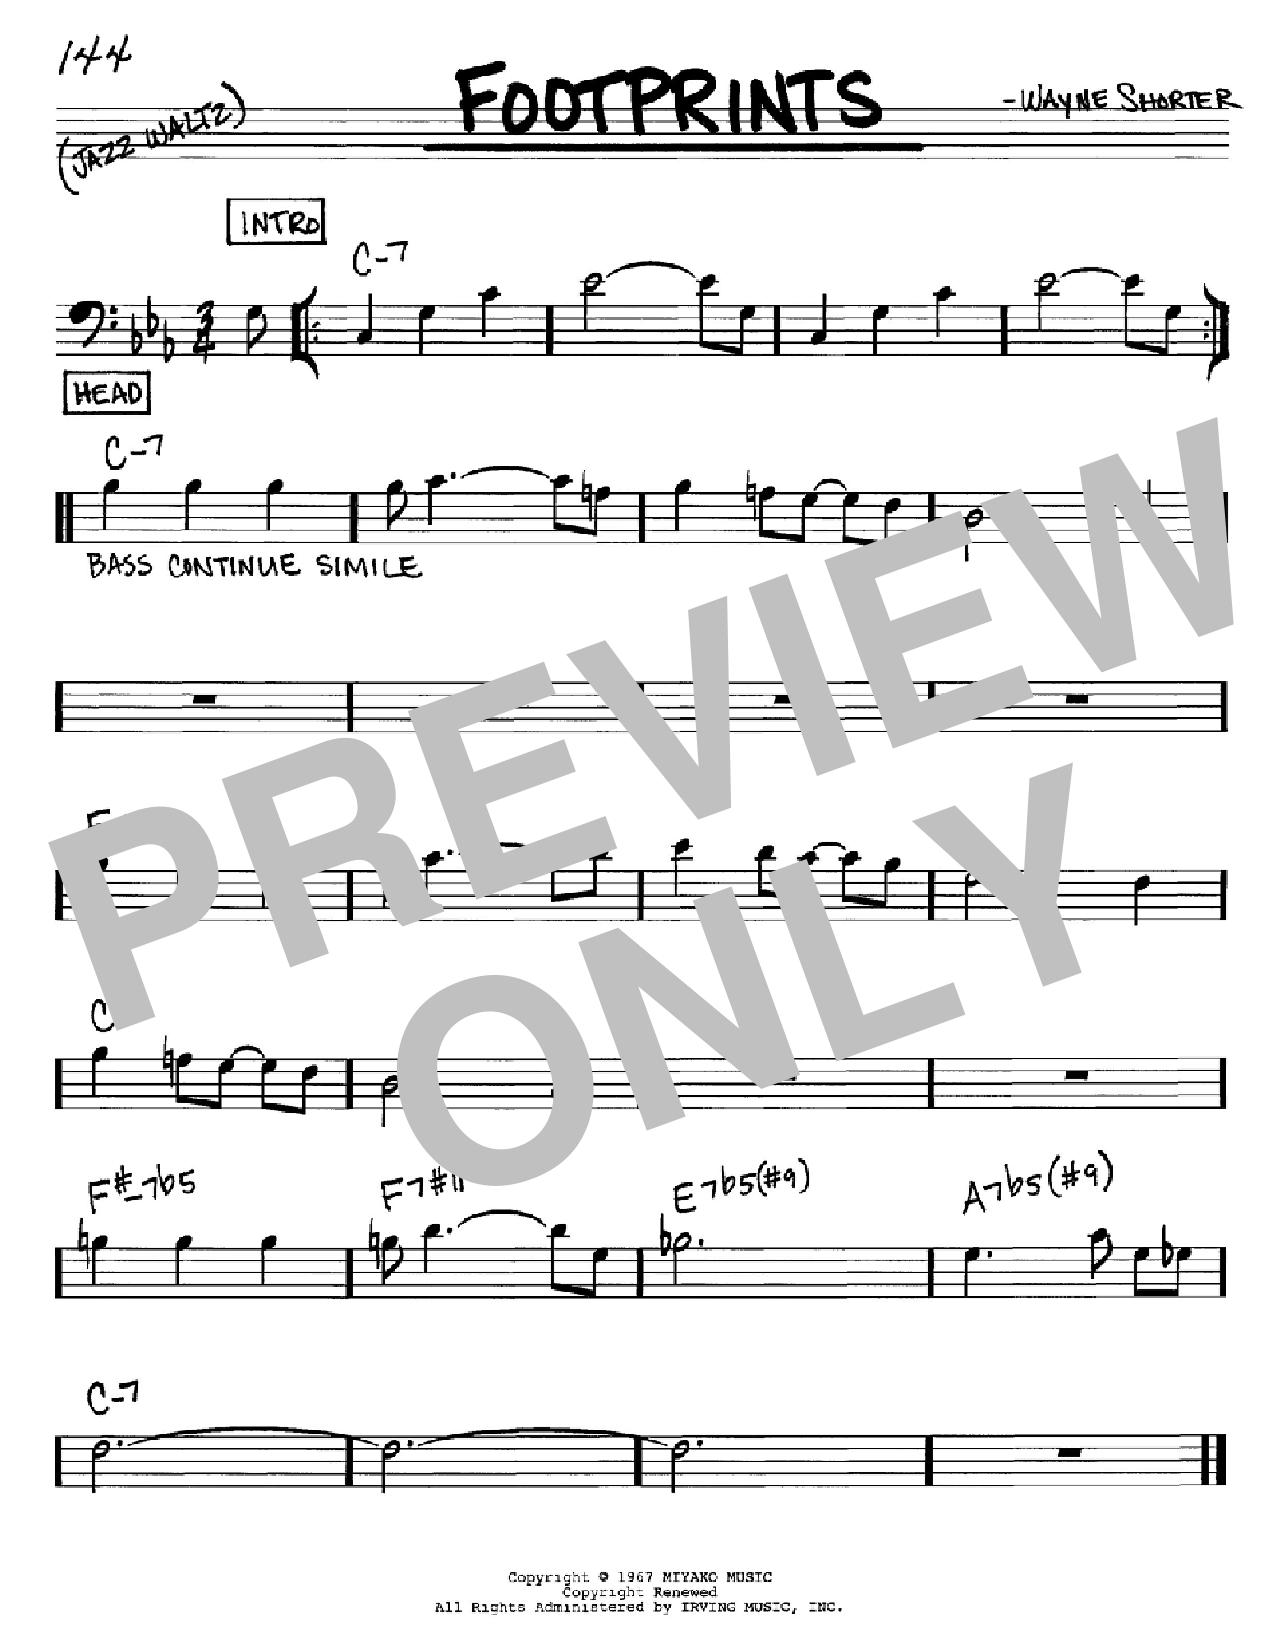 Partition autre Footprints de Wayne Shorter - Real Book, Melodie et Accords, Inst. En cle de Fa